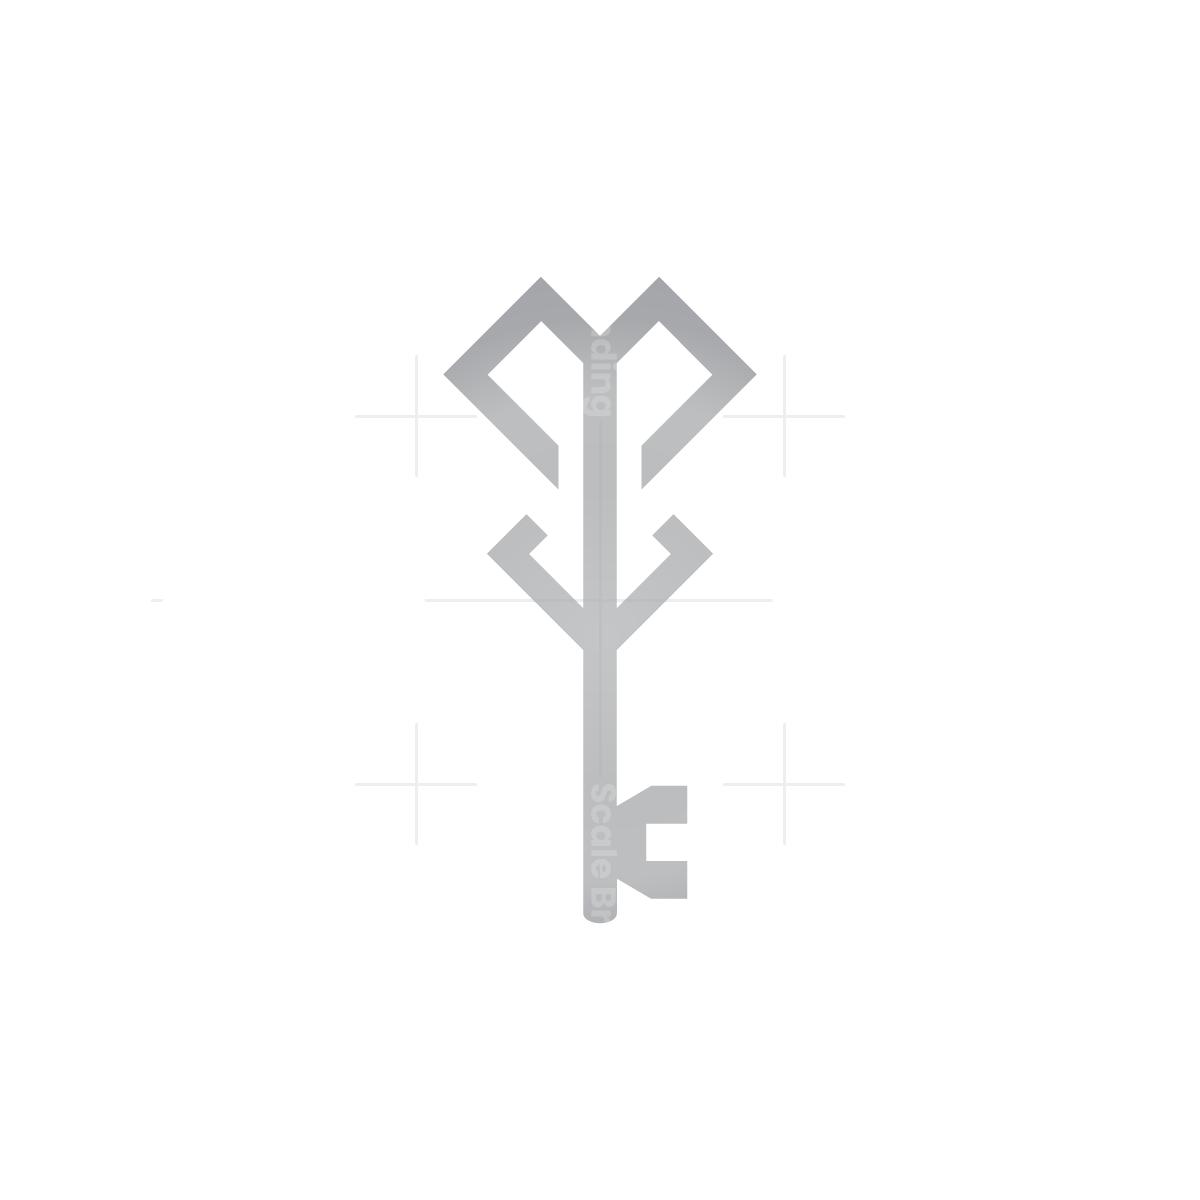 Silver Key Logo